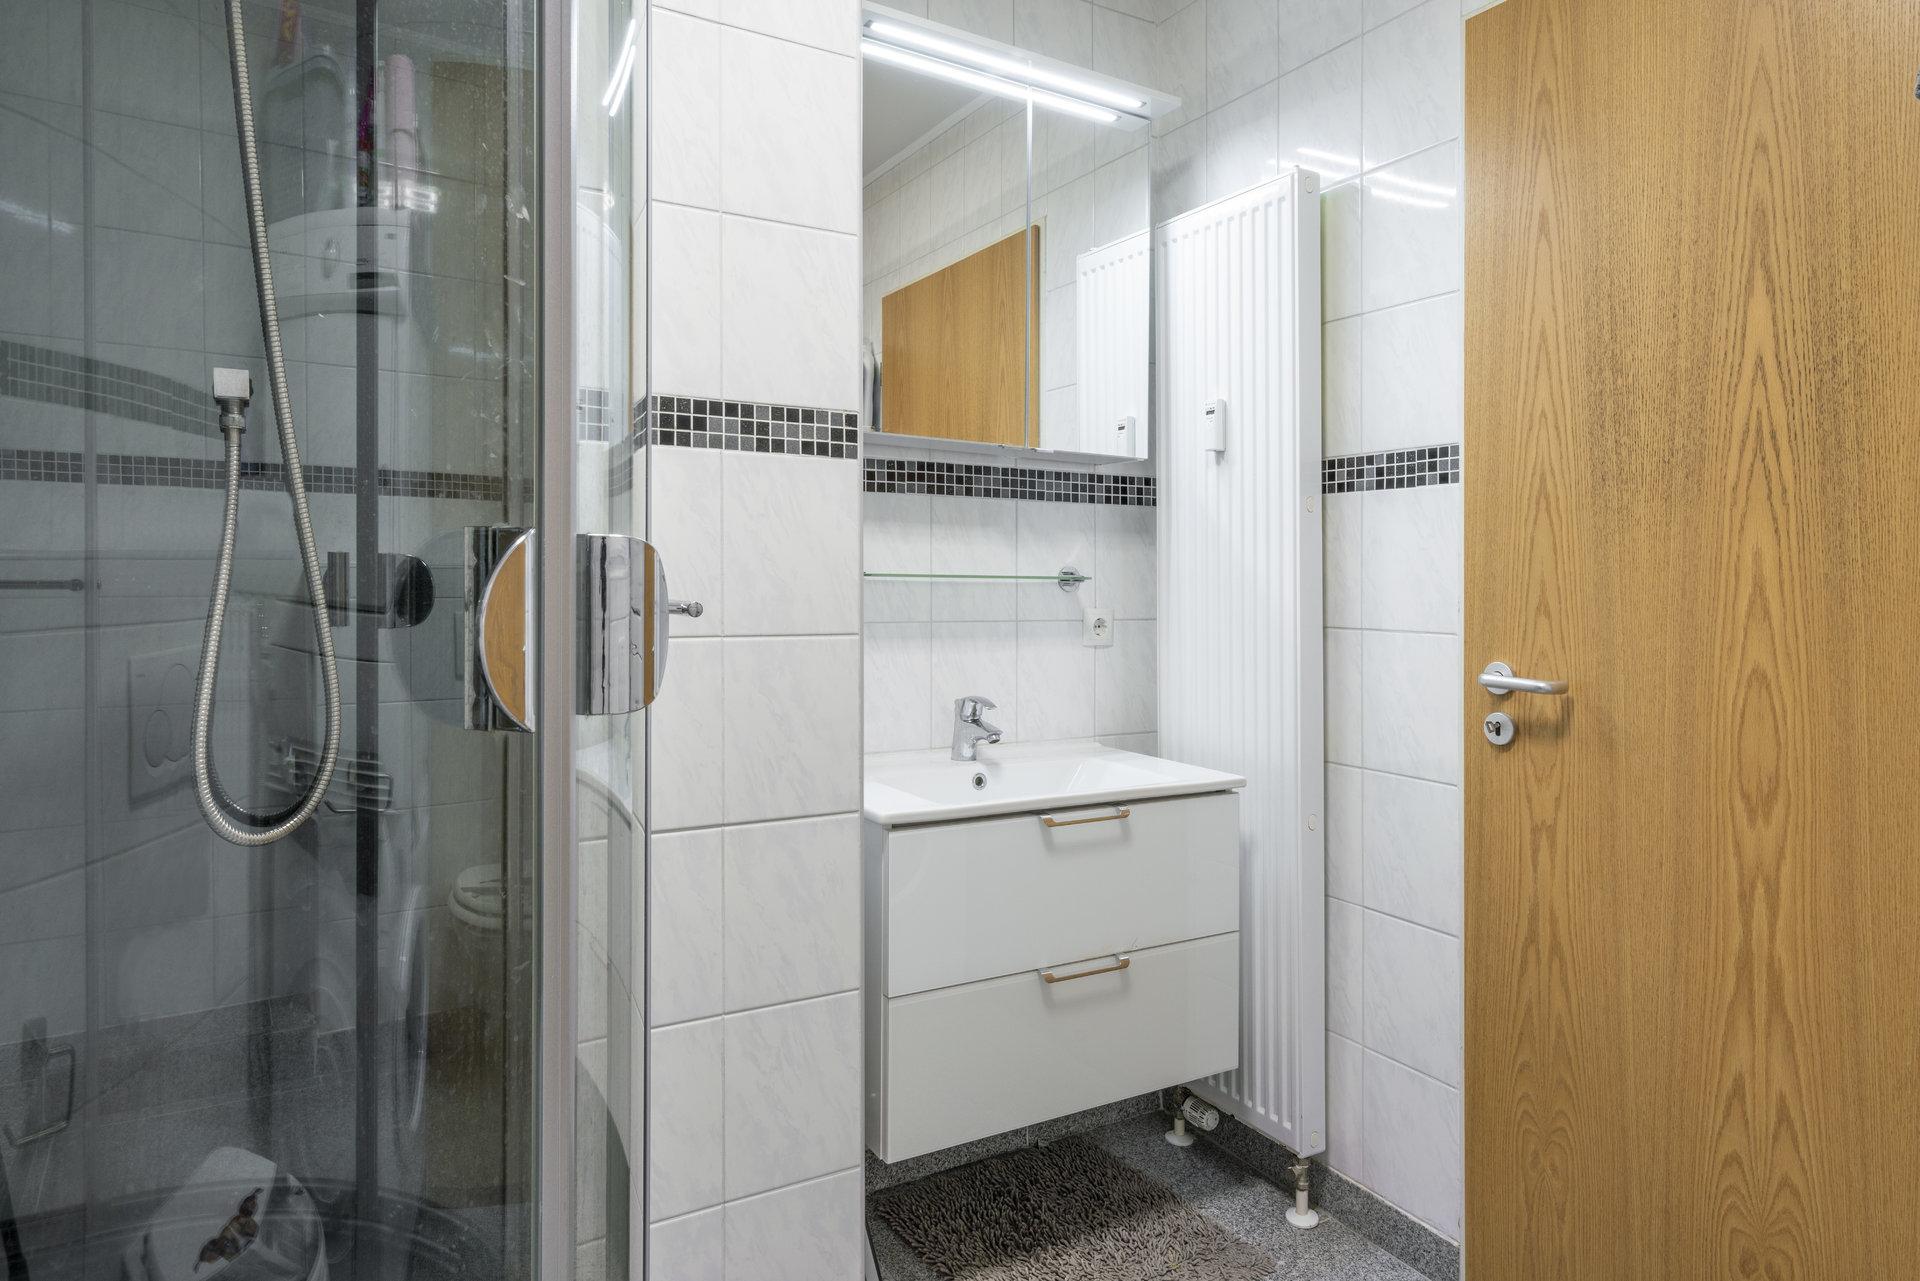 Verkauf Wohnung - Luxembourg - Luxemburg